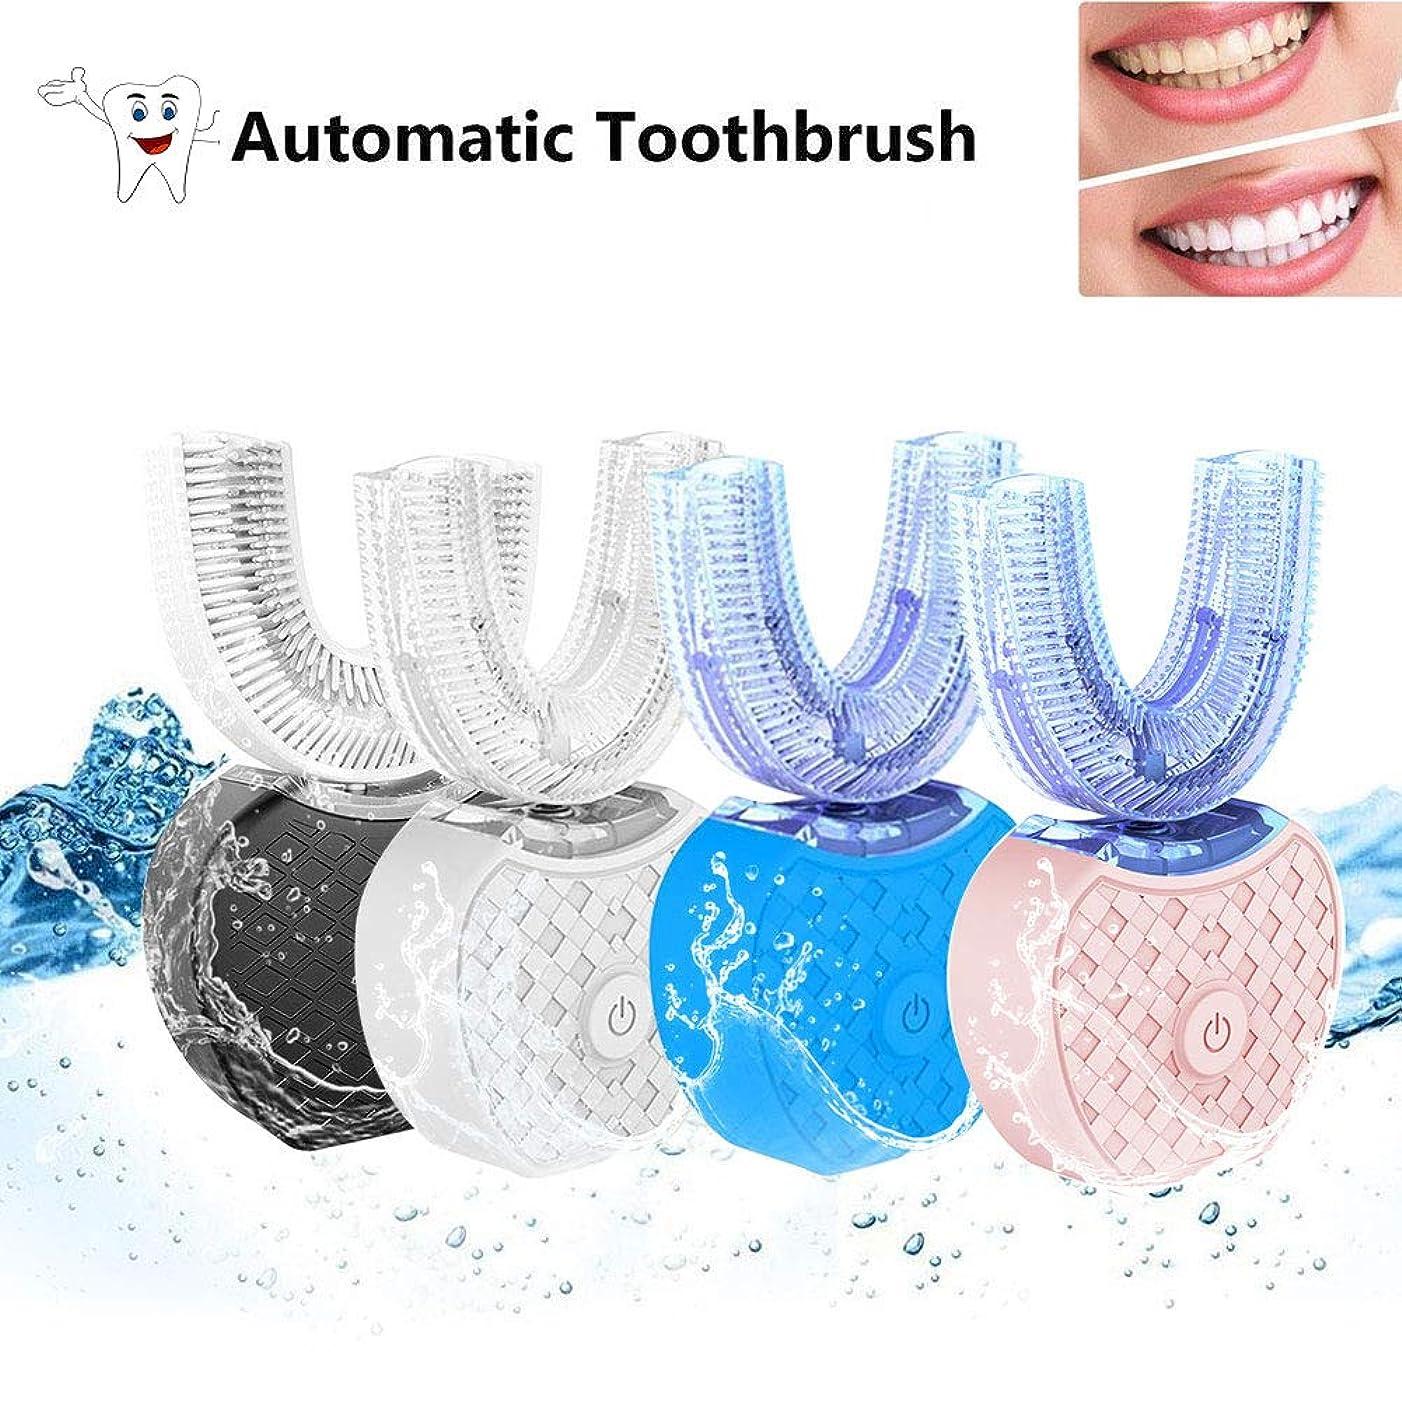 意気消沈した建設俳優Frifer新しい電動歯ブラシ、V-white 超音波自動歯ブラシ360°包囲清掃歯、より深い清掃(ピンク)